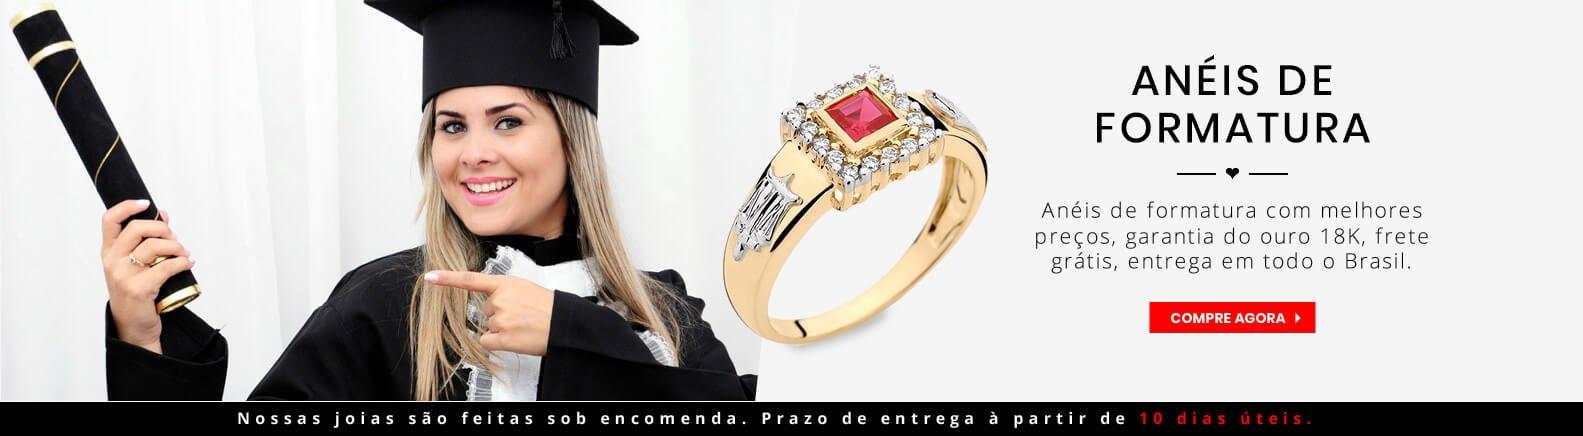 anel-de-formatura-goiania